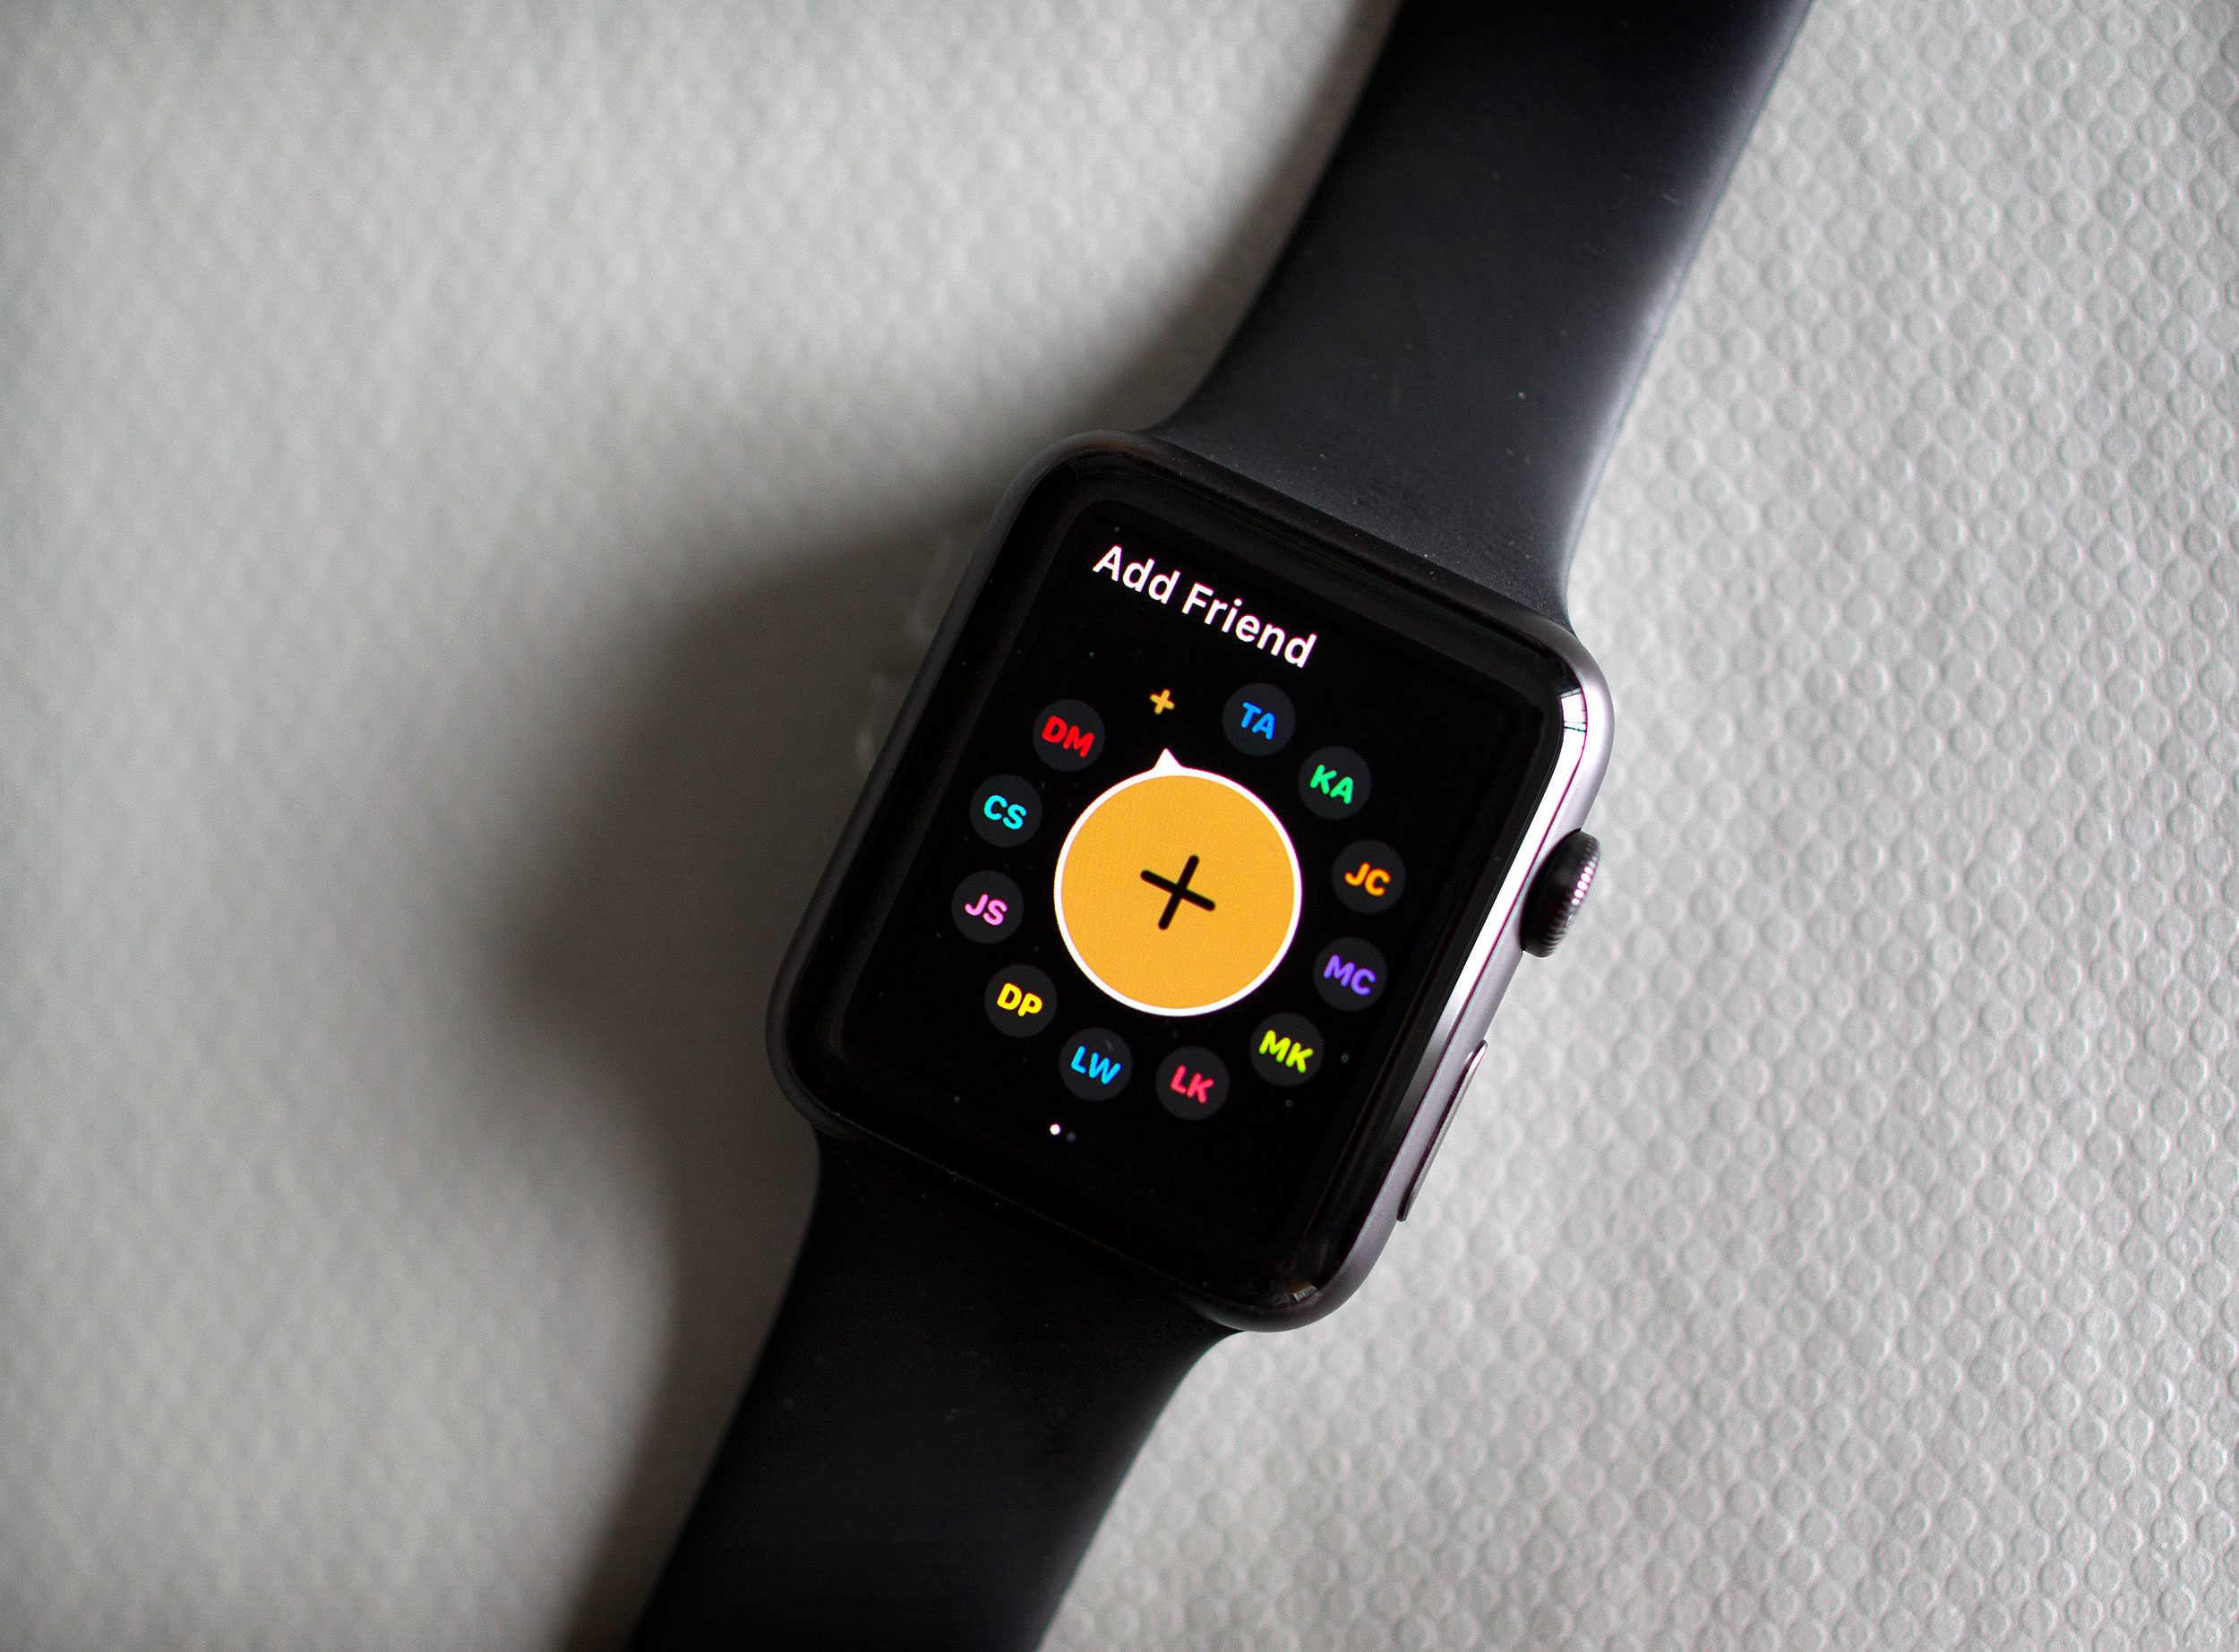 Apple Watch OS2 add a friend